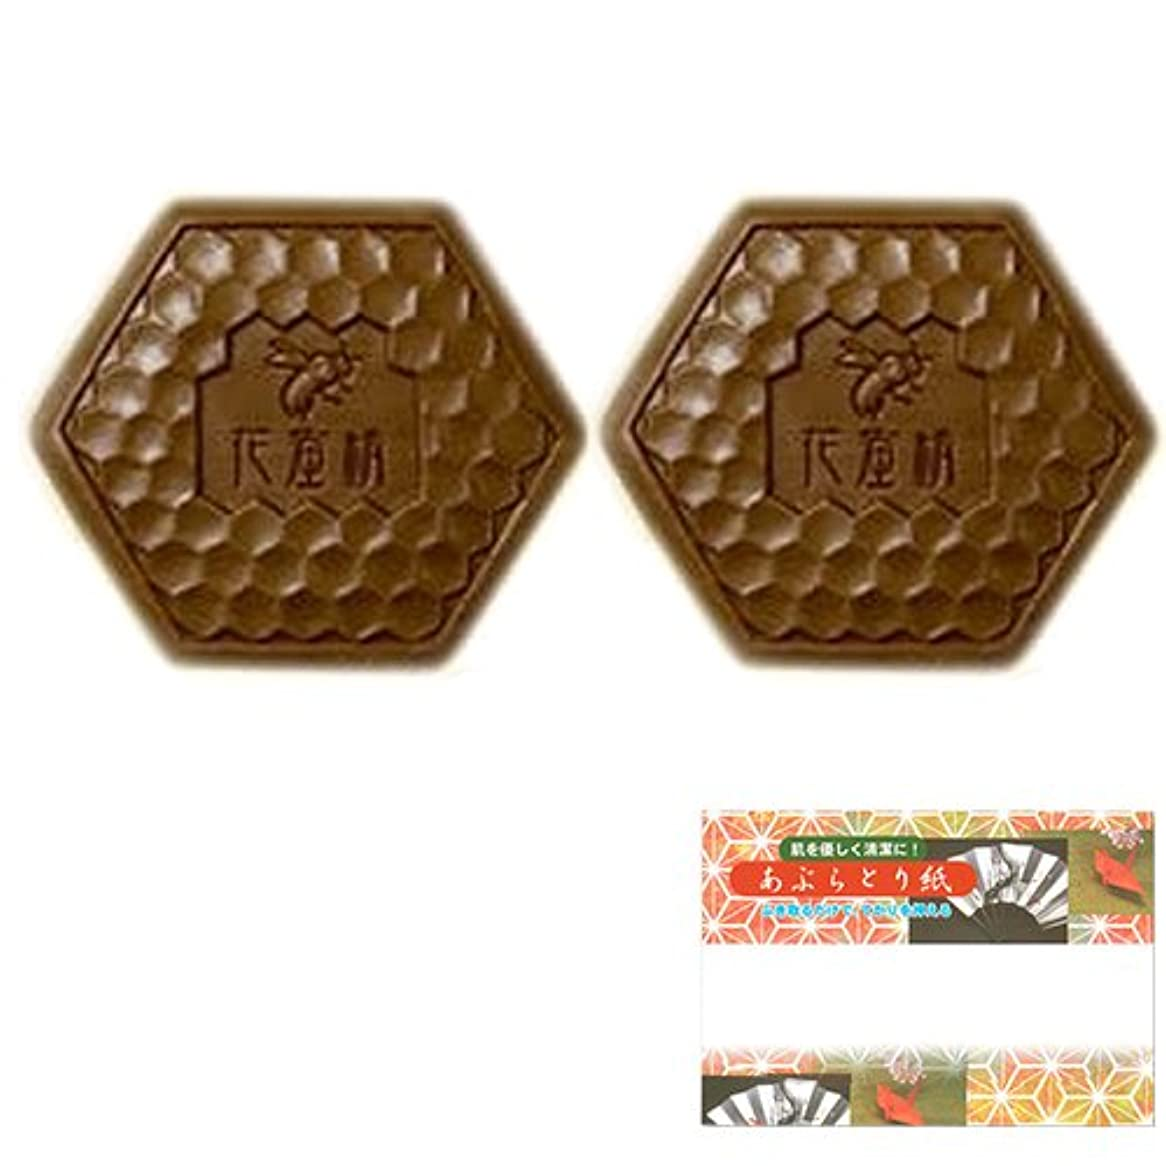 必要条件放送埋めるフェニックス 花蜜精(かみつせい) はちみつ クレンジングソープ 2個 + 高級あぶらとり紙セット